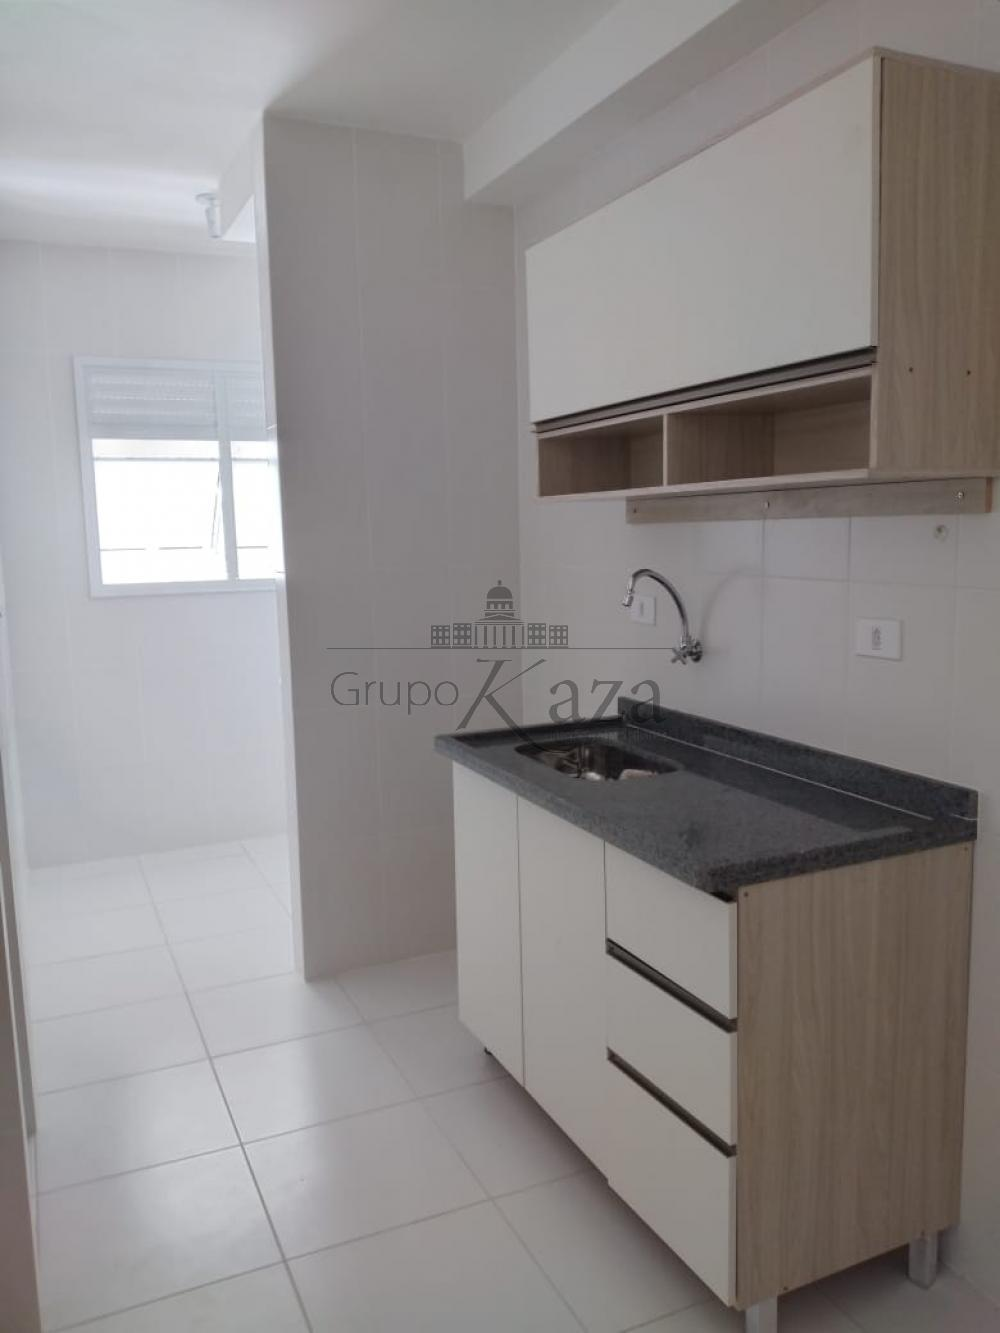 Alugar Apartamento / Padrão em São José dos Campos R$ 1.500,00 - Foto 5